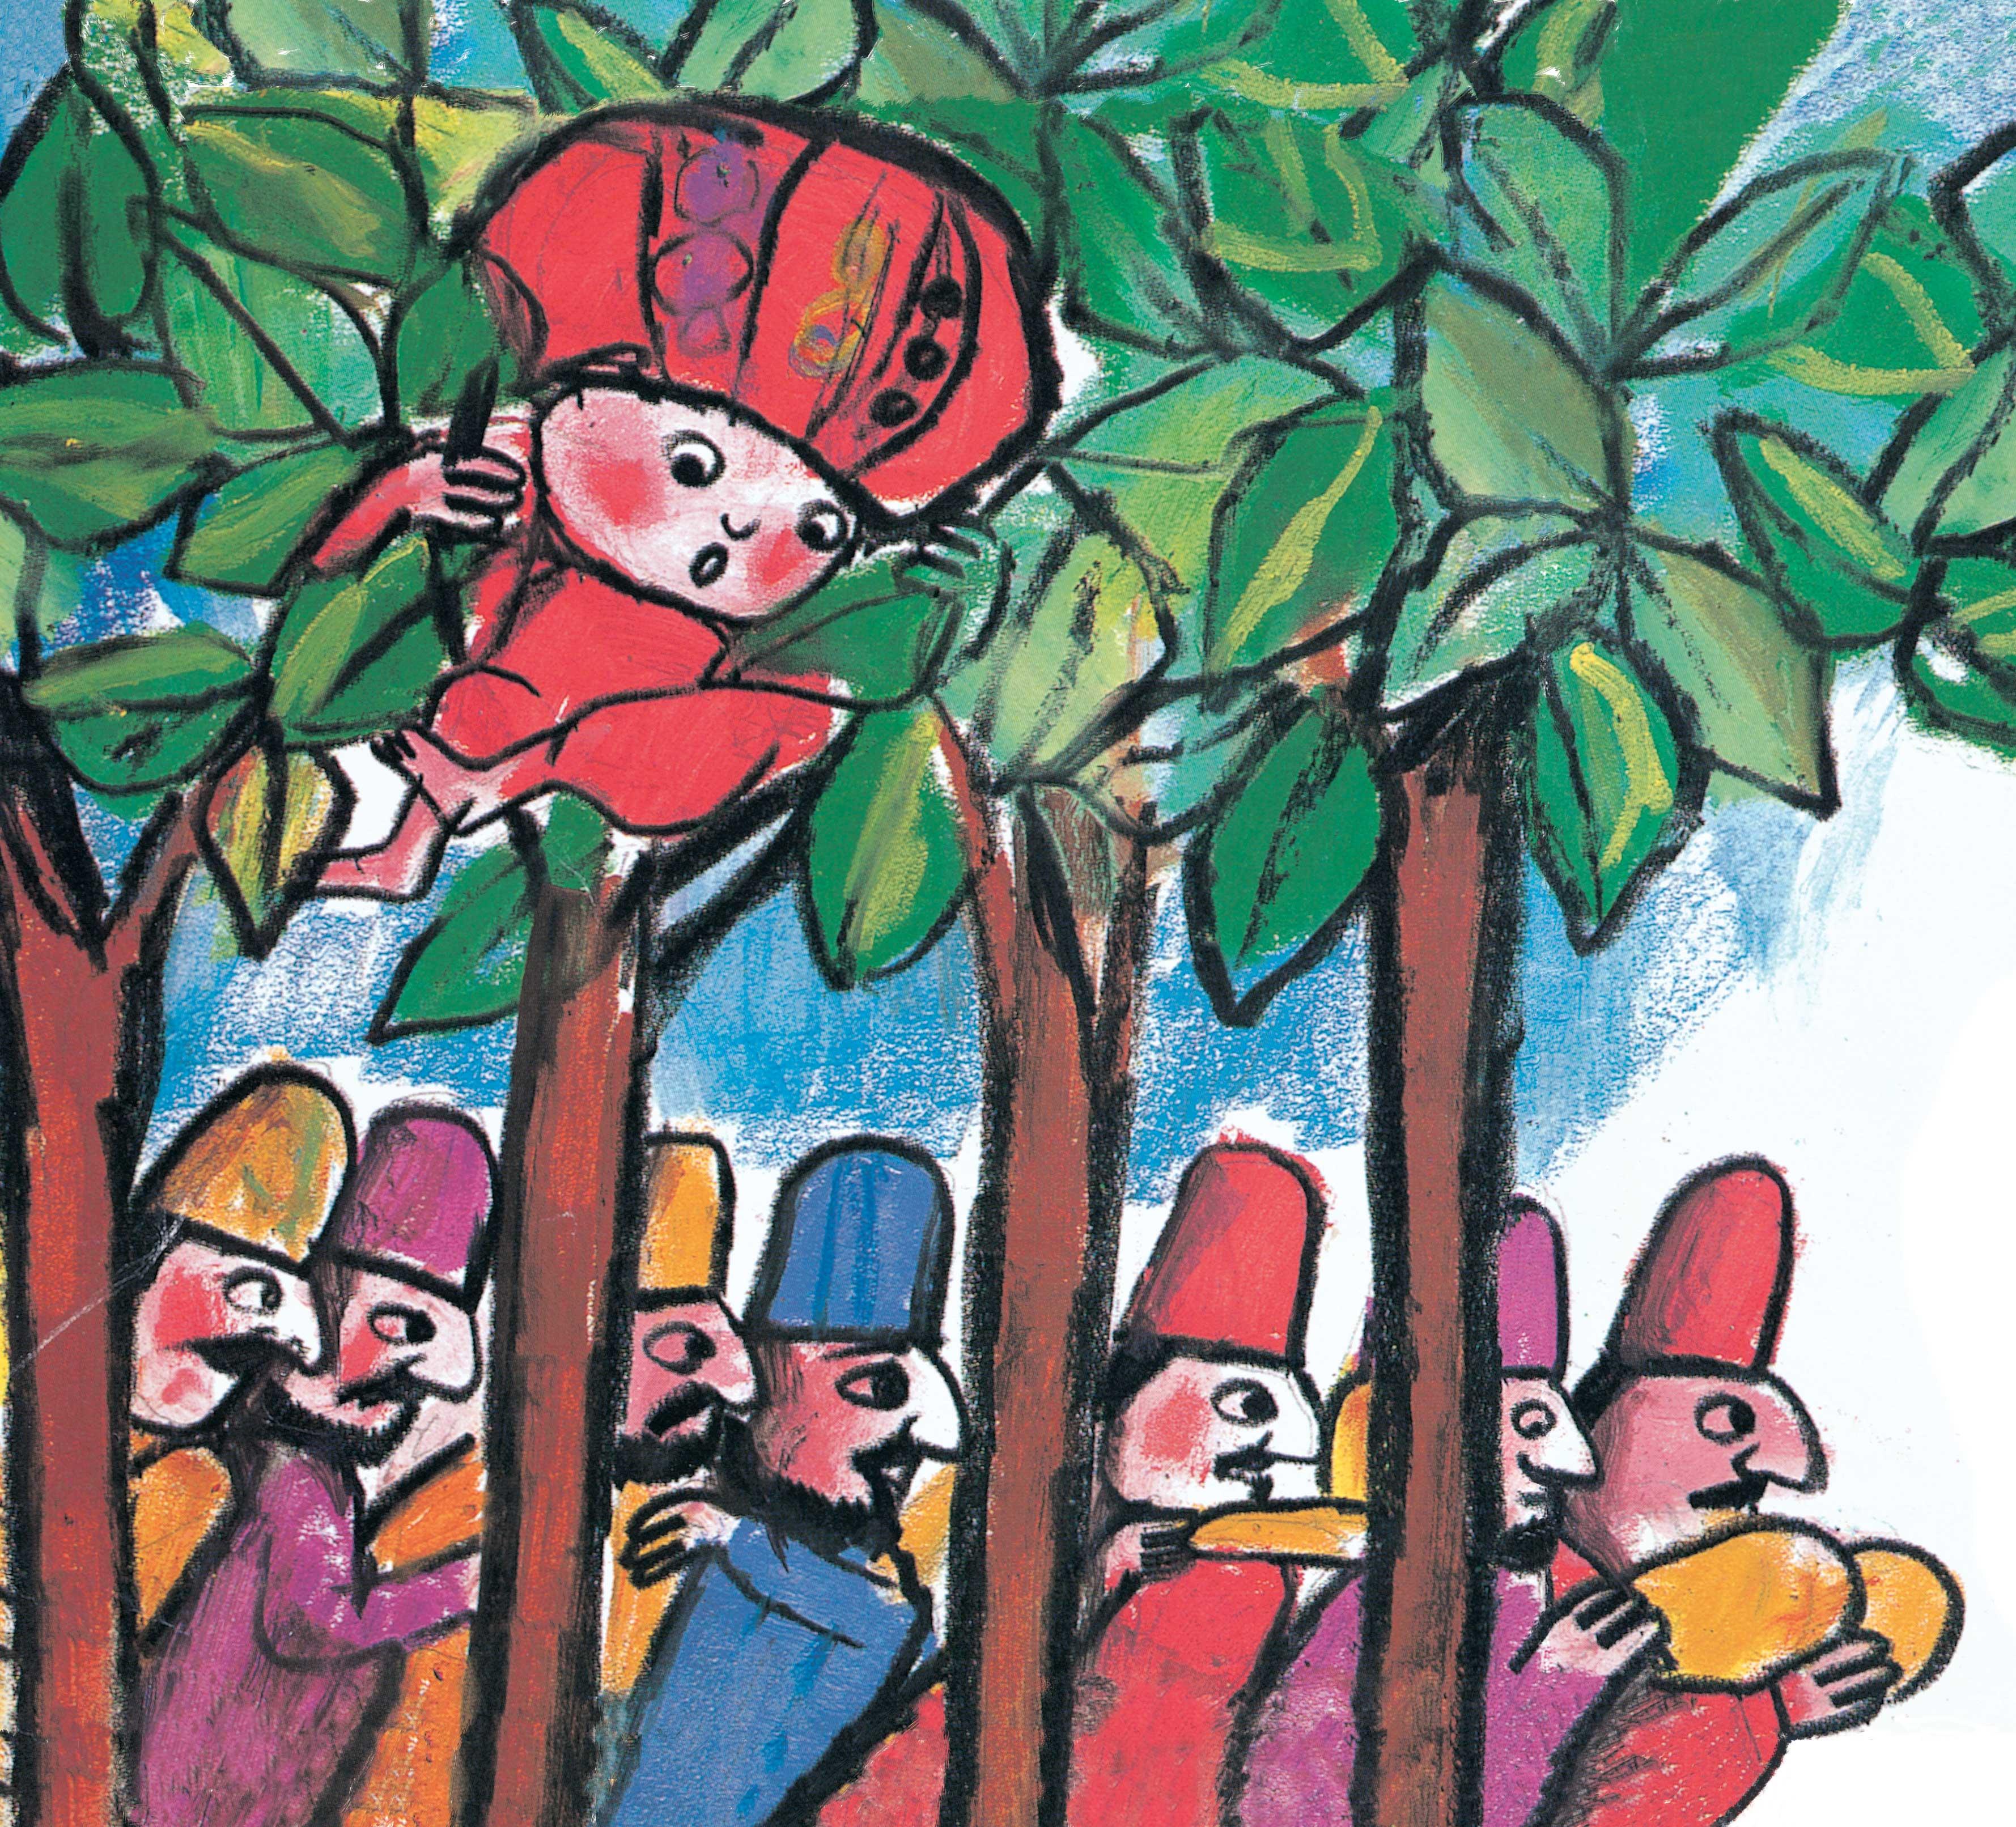 Luzzati, Alì Babà e i quaranta ladroni, libro illustrato per bambini, le rane Interlinea